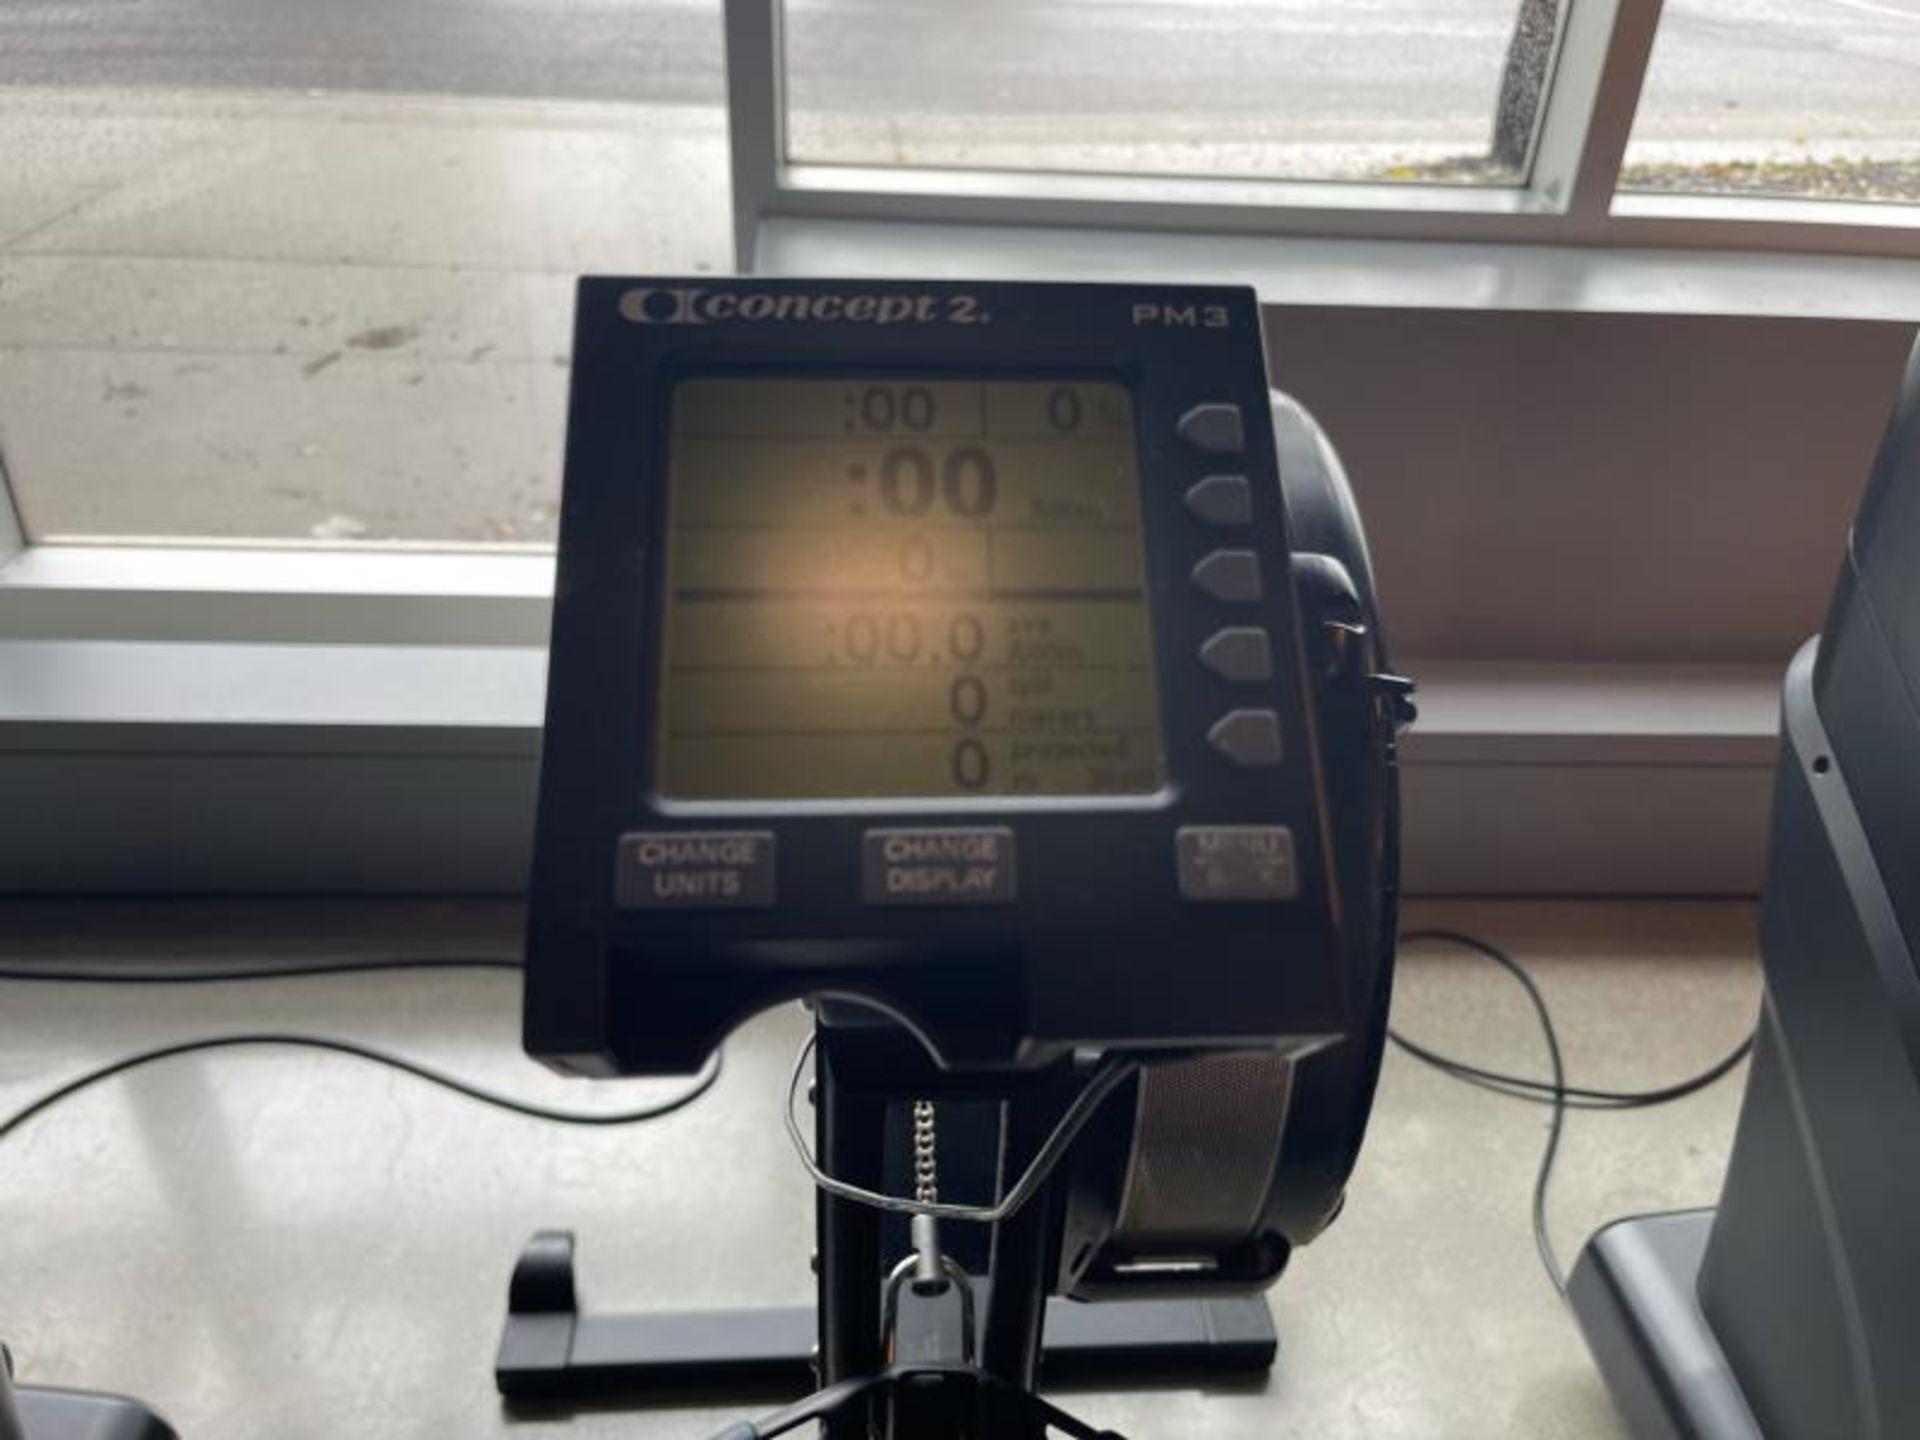 Concept 2 Model D Indoor Rower - Image 5 of 5